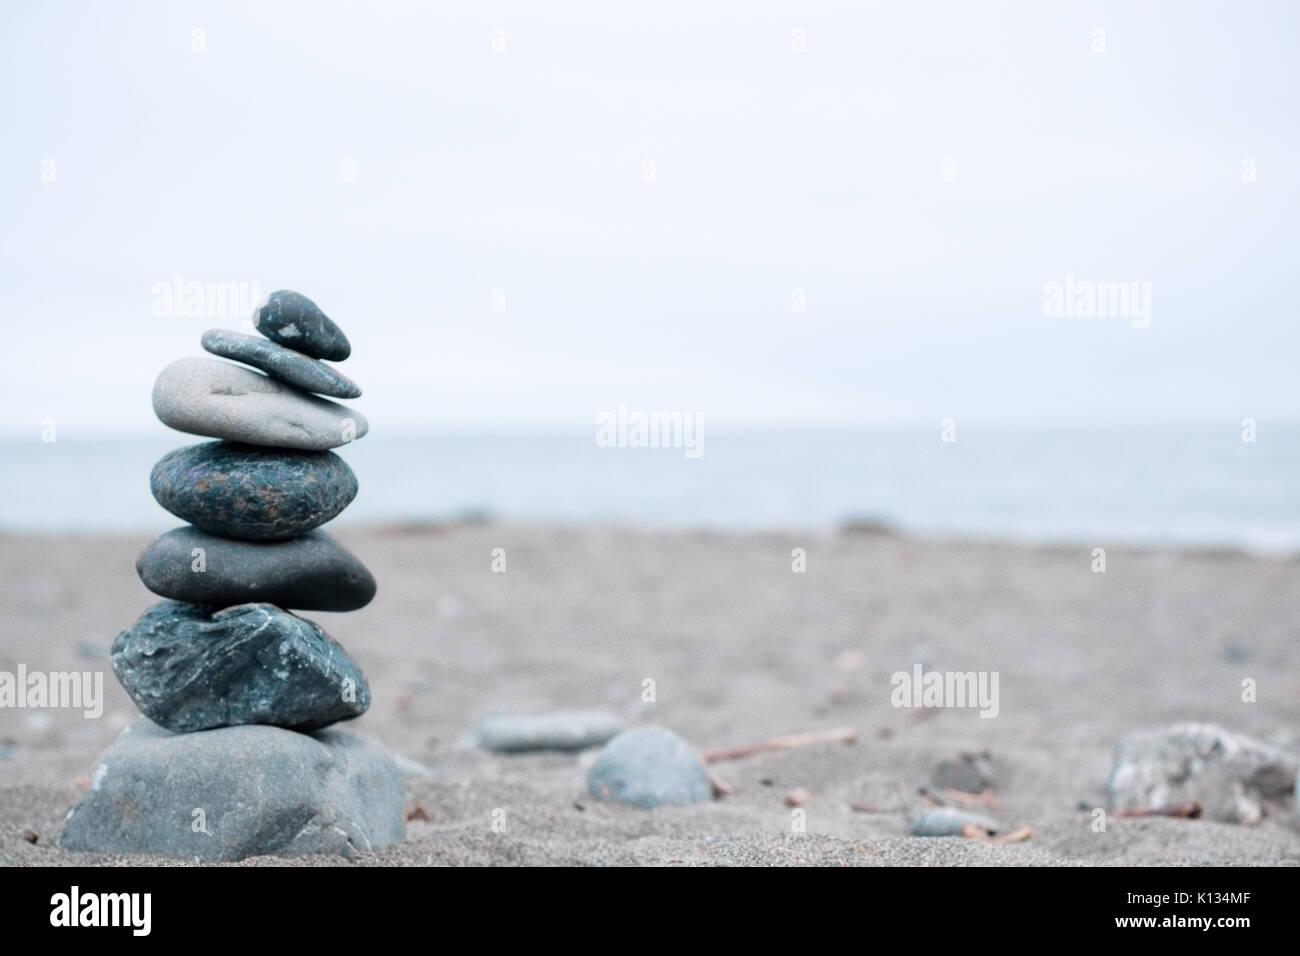 Monochrom, ruhigen, blauen gestapelte Steine auf einem Kalifornischen Strand als Symbol für Frieden, Gleichgewicht, Meditation und Achtsamkeit Stockbild